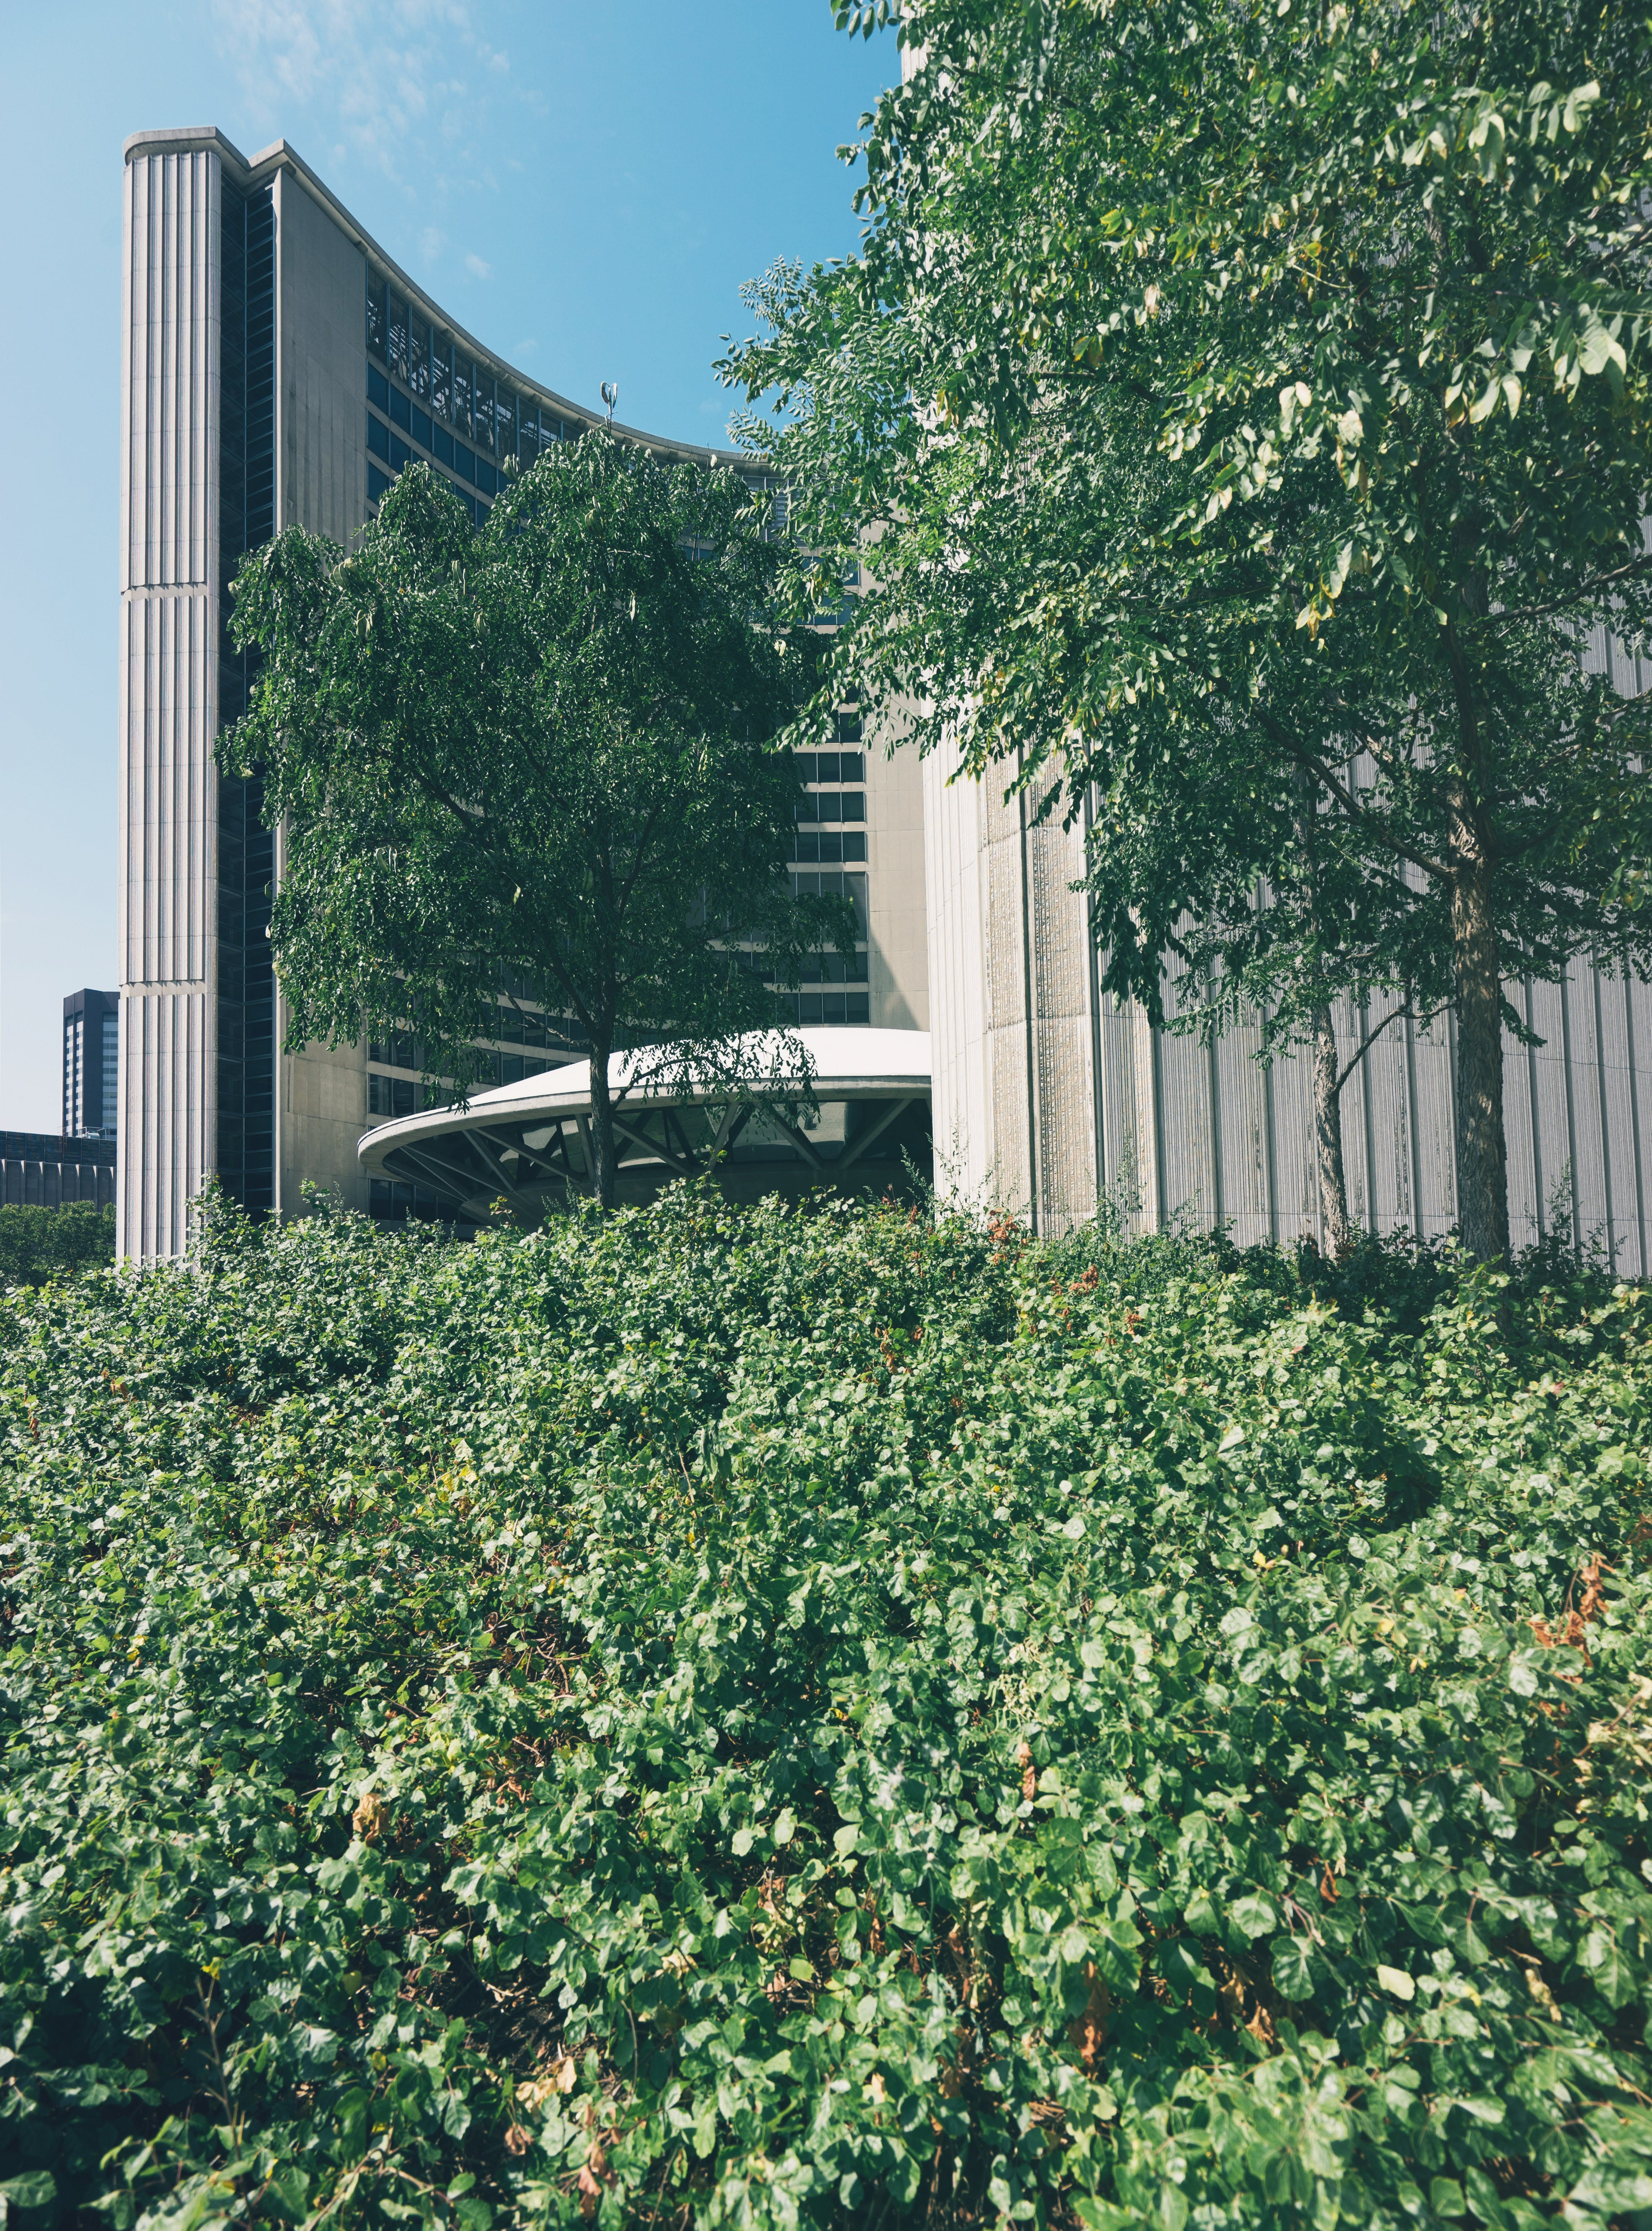 Beige Building Near Trees in City